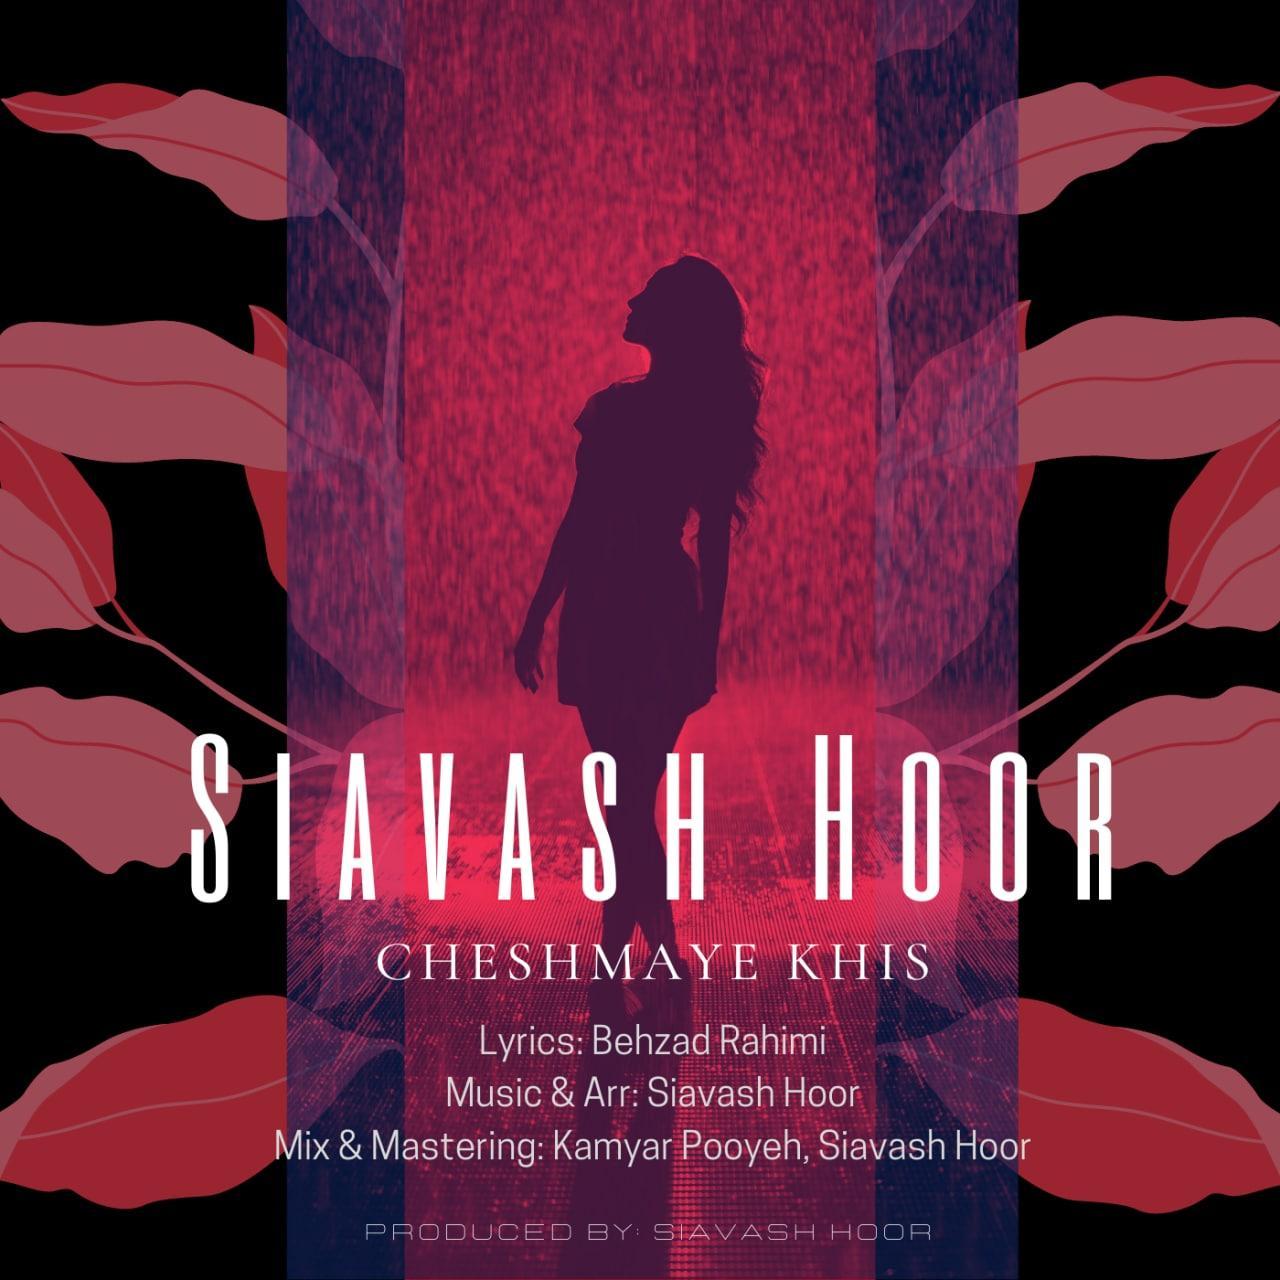 Siavash Hoor – Cheshmaye Khis